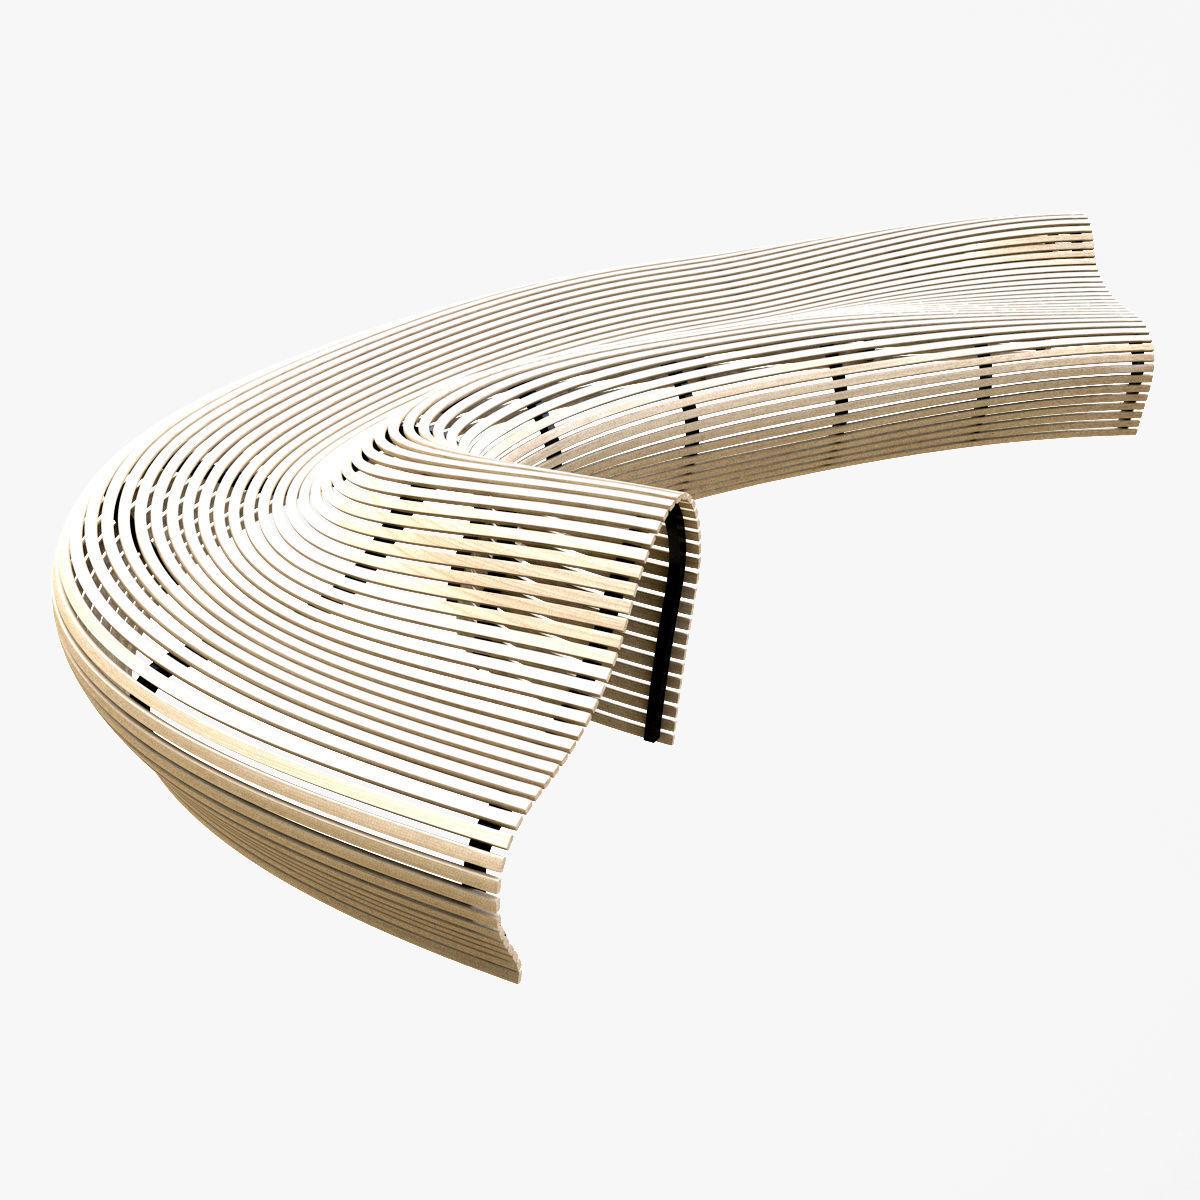 Parametric Bench Like Matthias Pliessnig